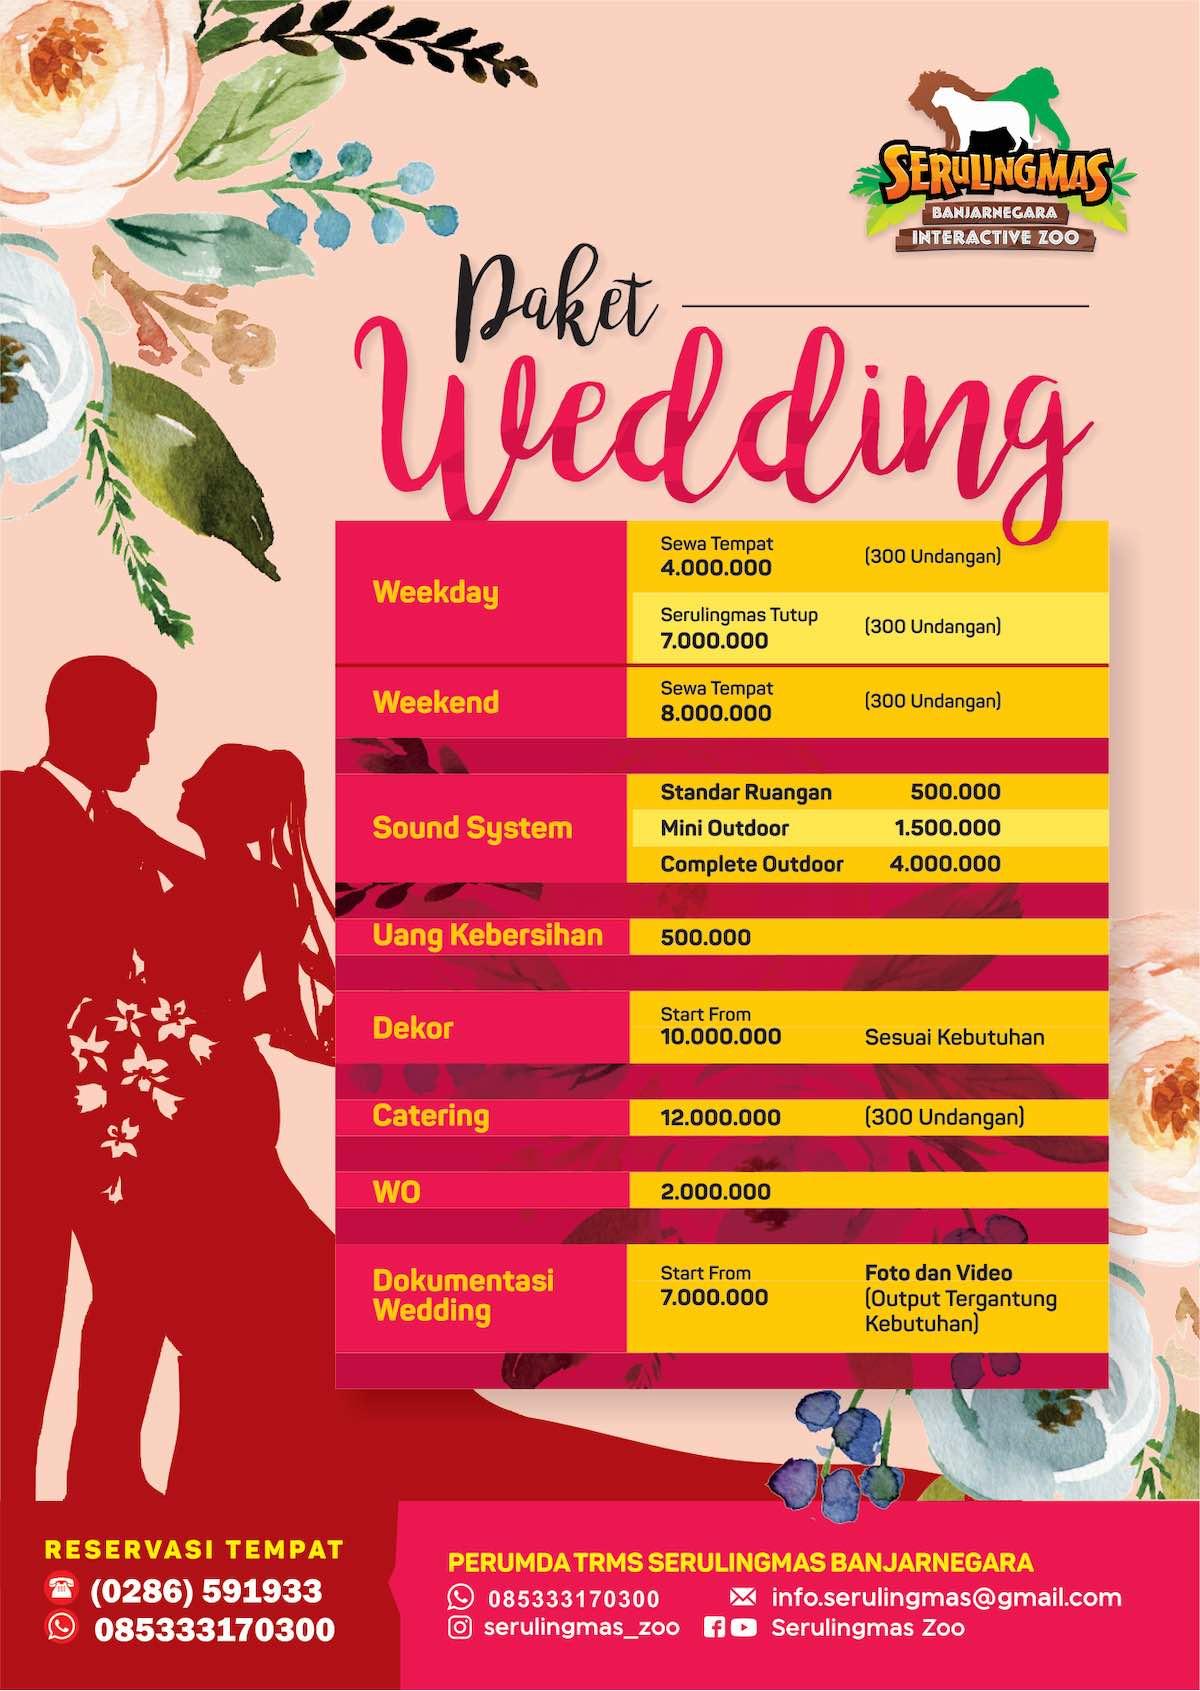 PAKET WEDDING SERULINGMAS